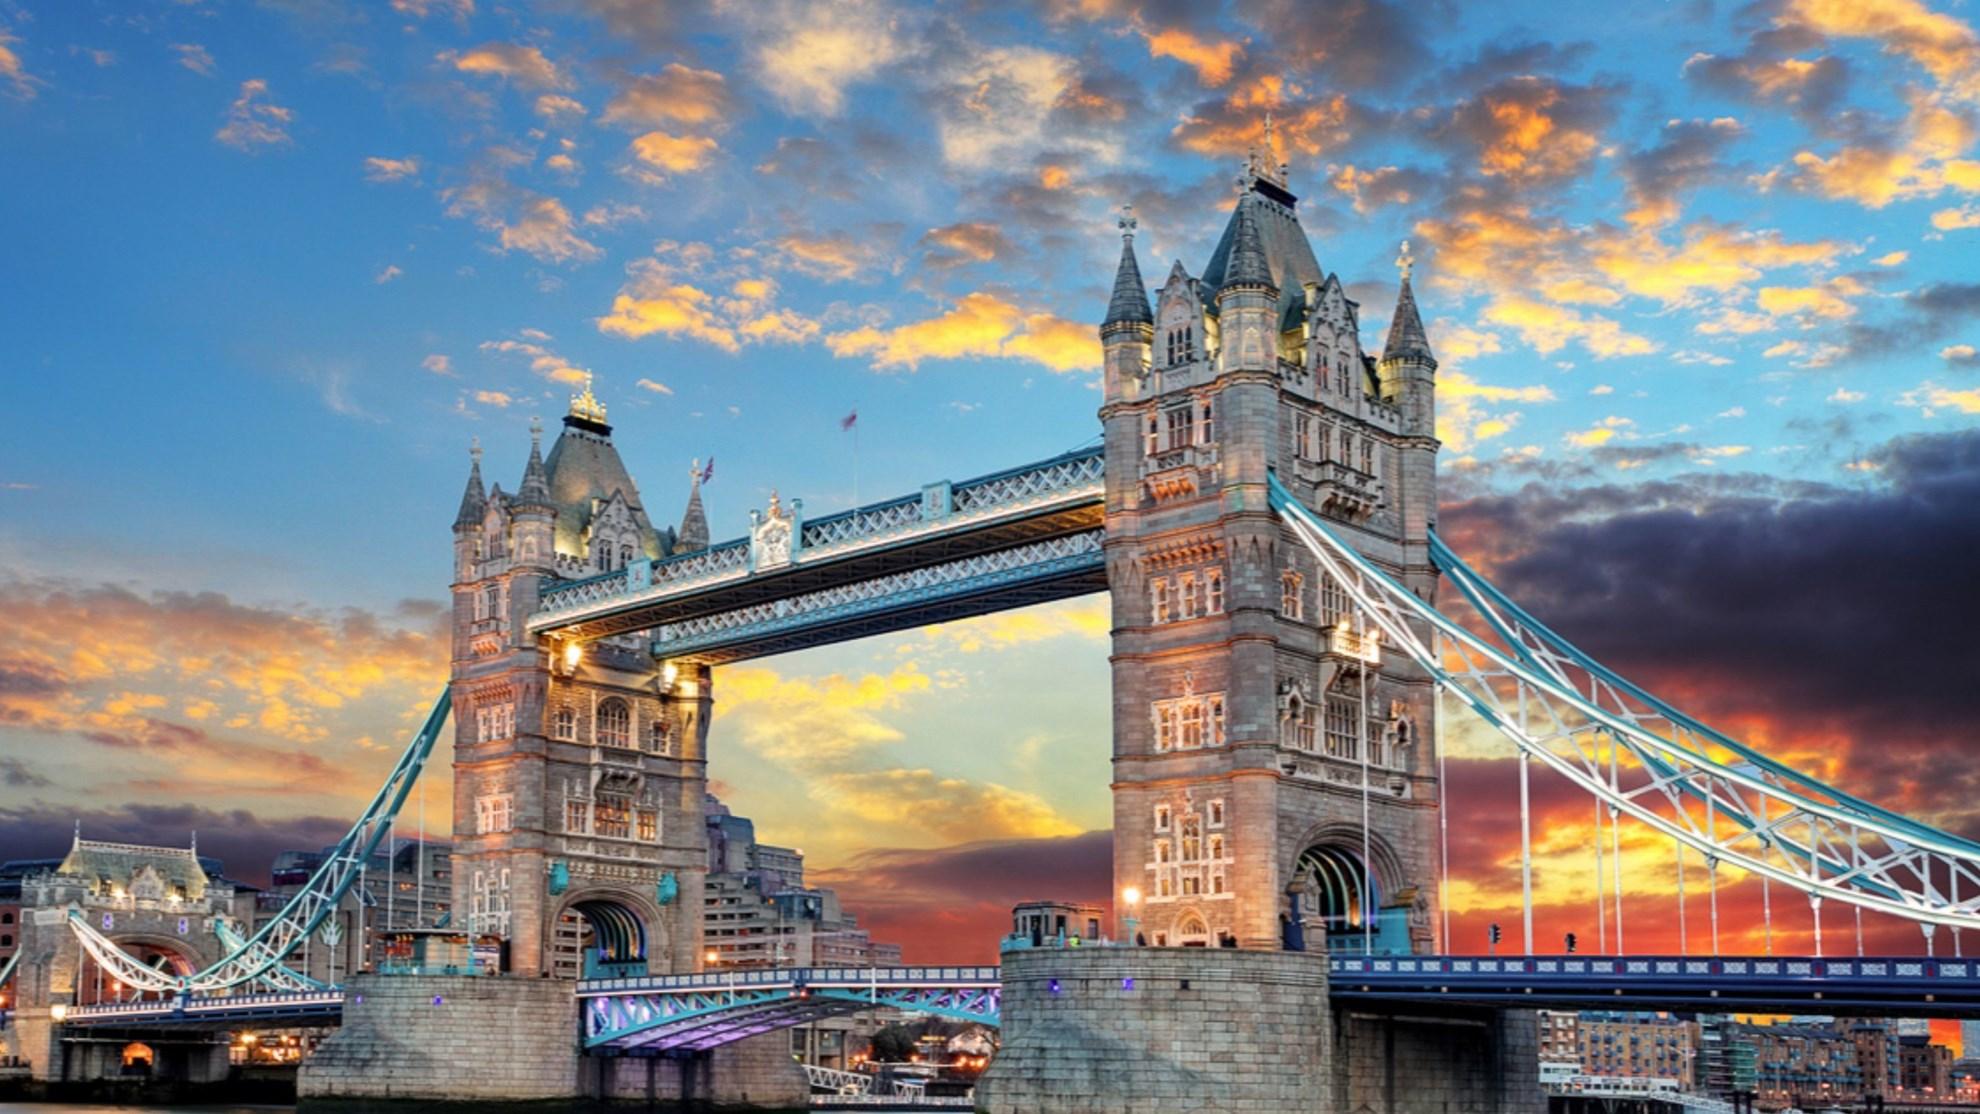 Hình đại điện của danh mục London